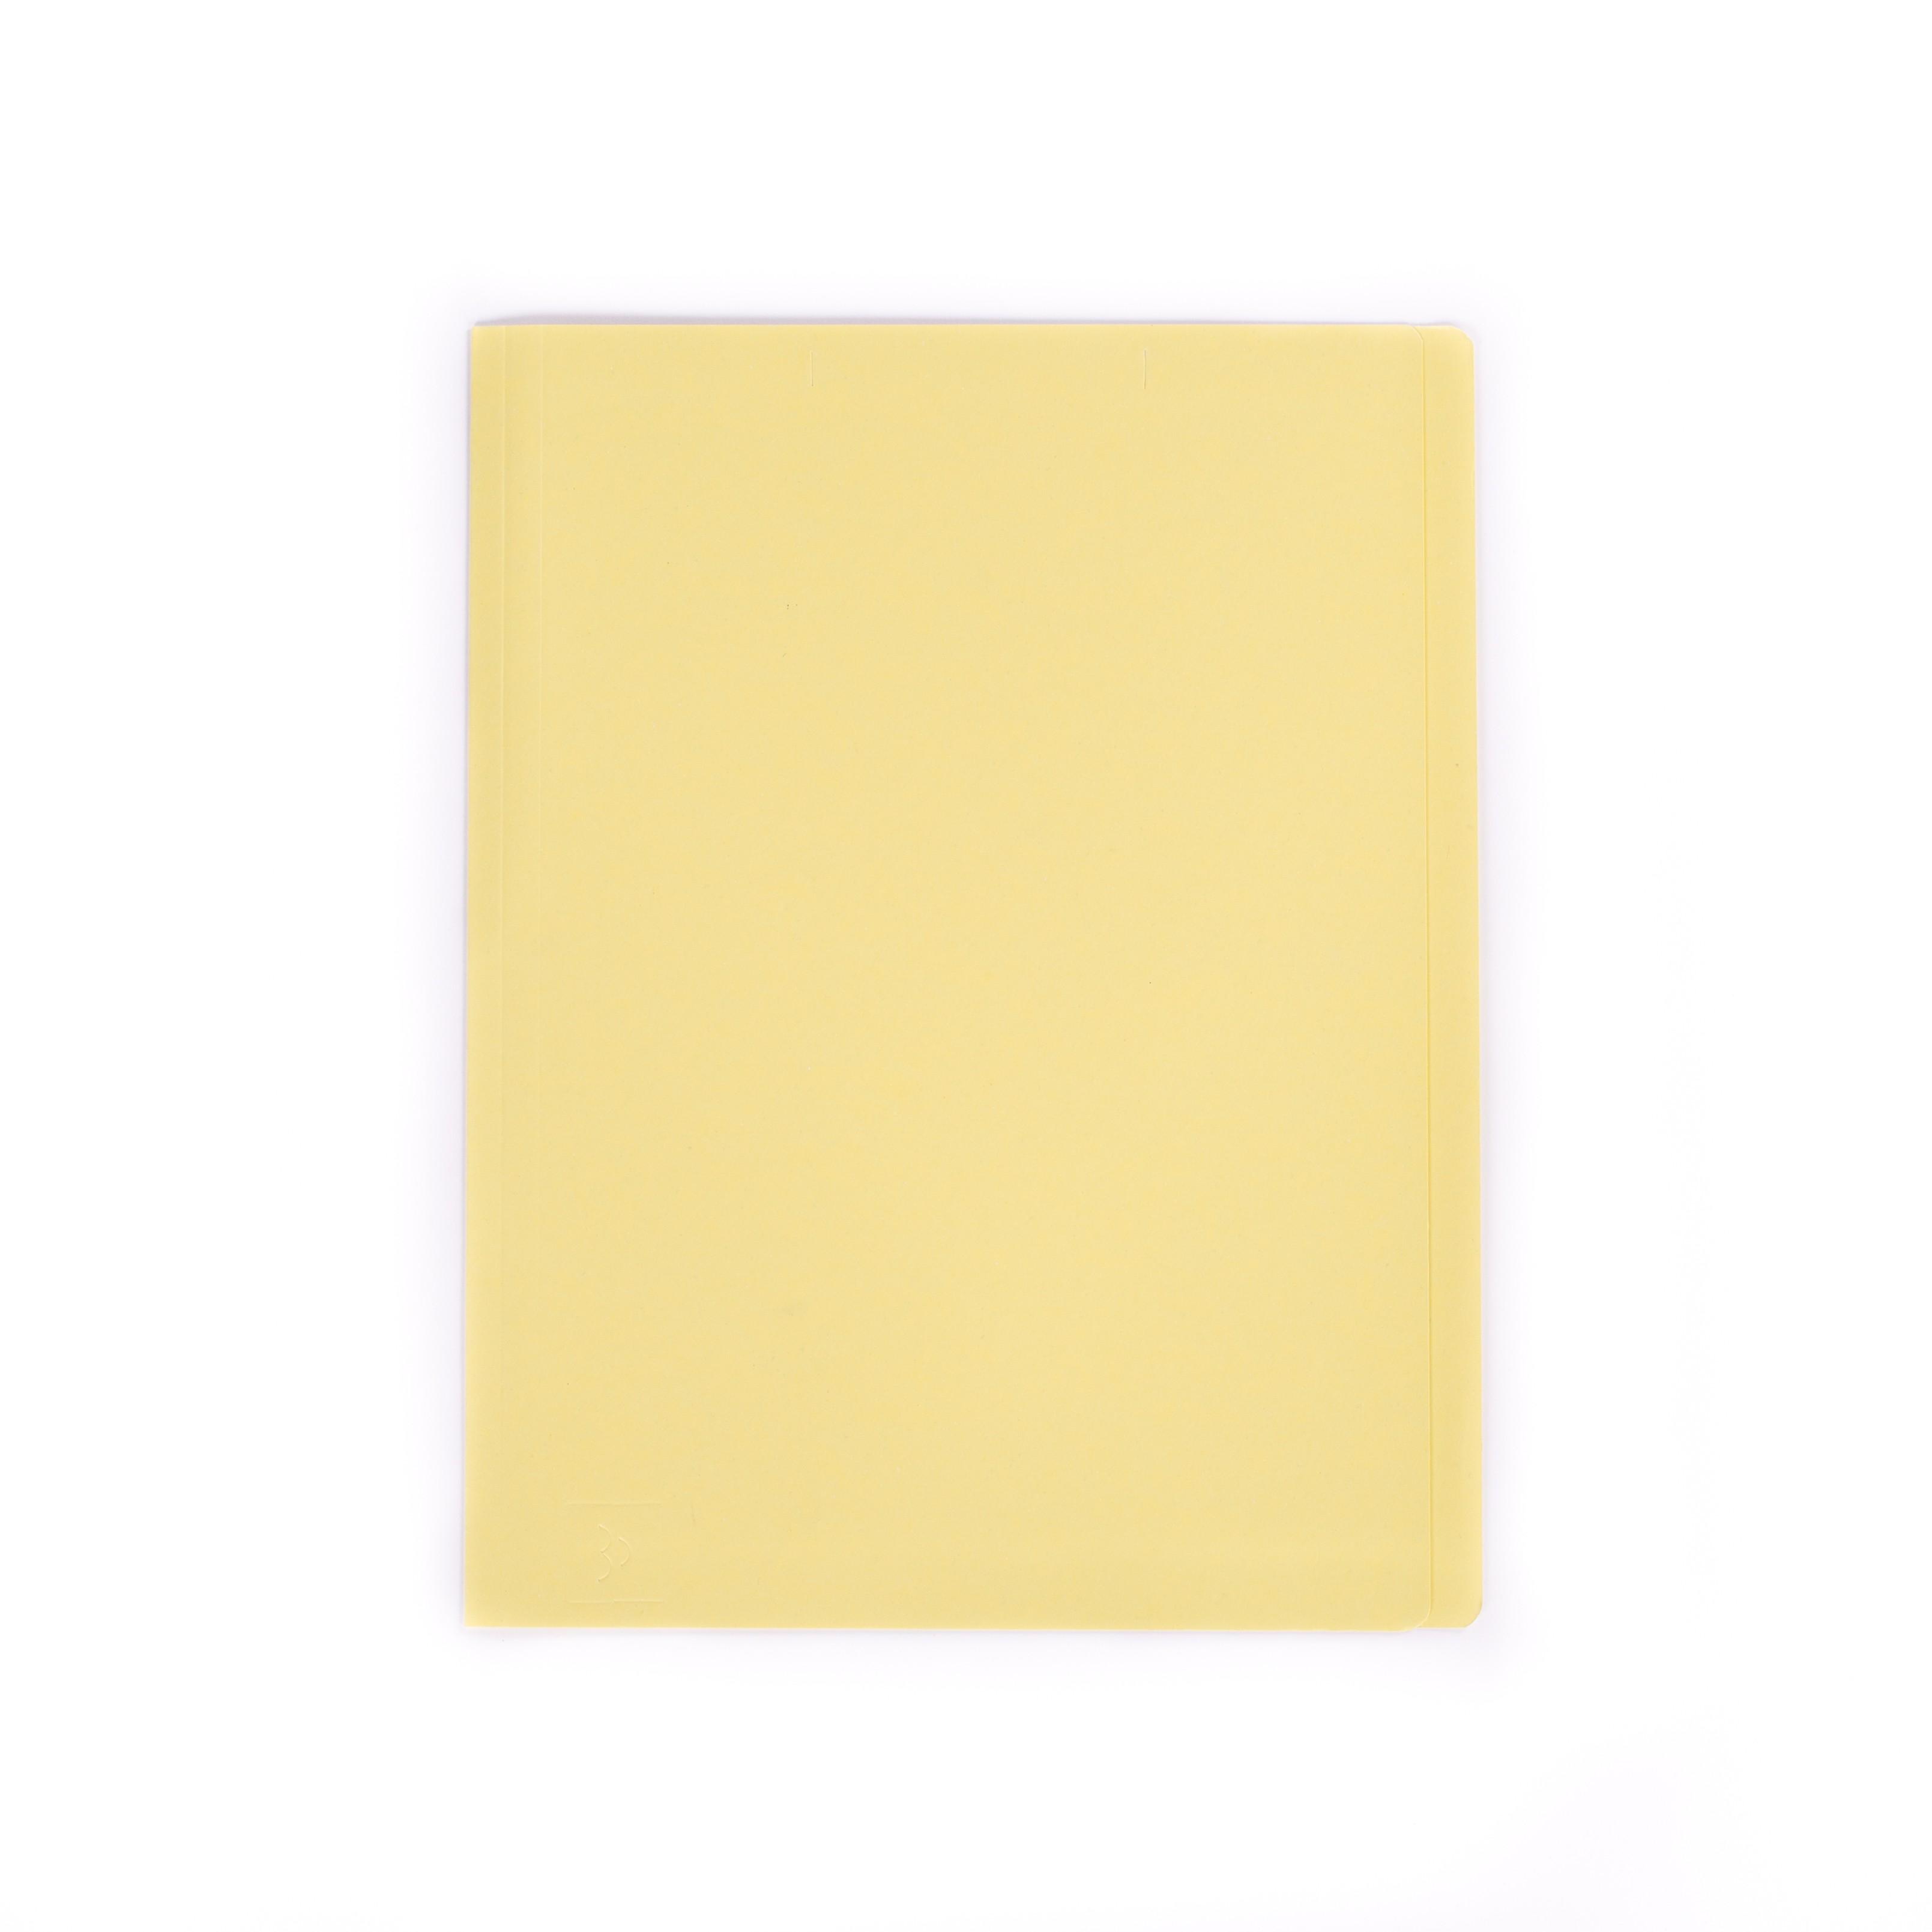 แฟ้มพับกระดาษ ตราใบโพธิ์ สีเหลือง A4